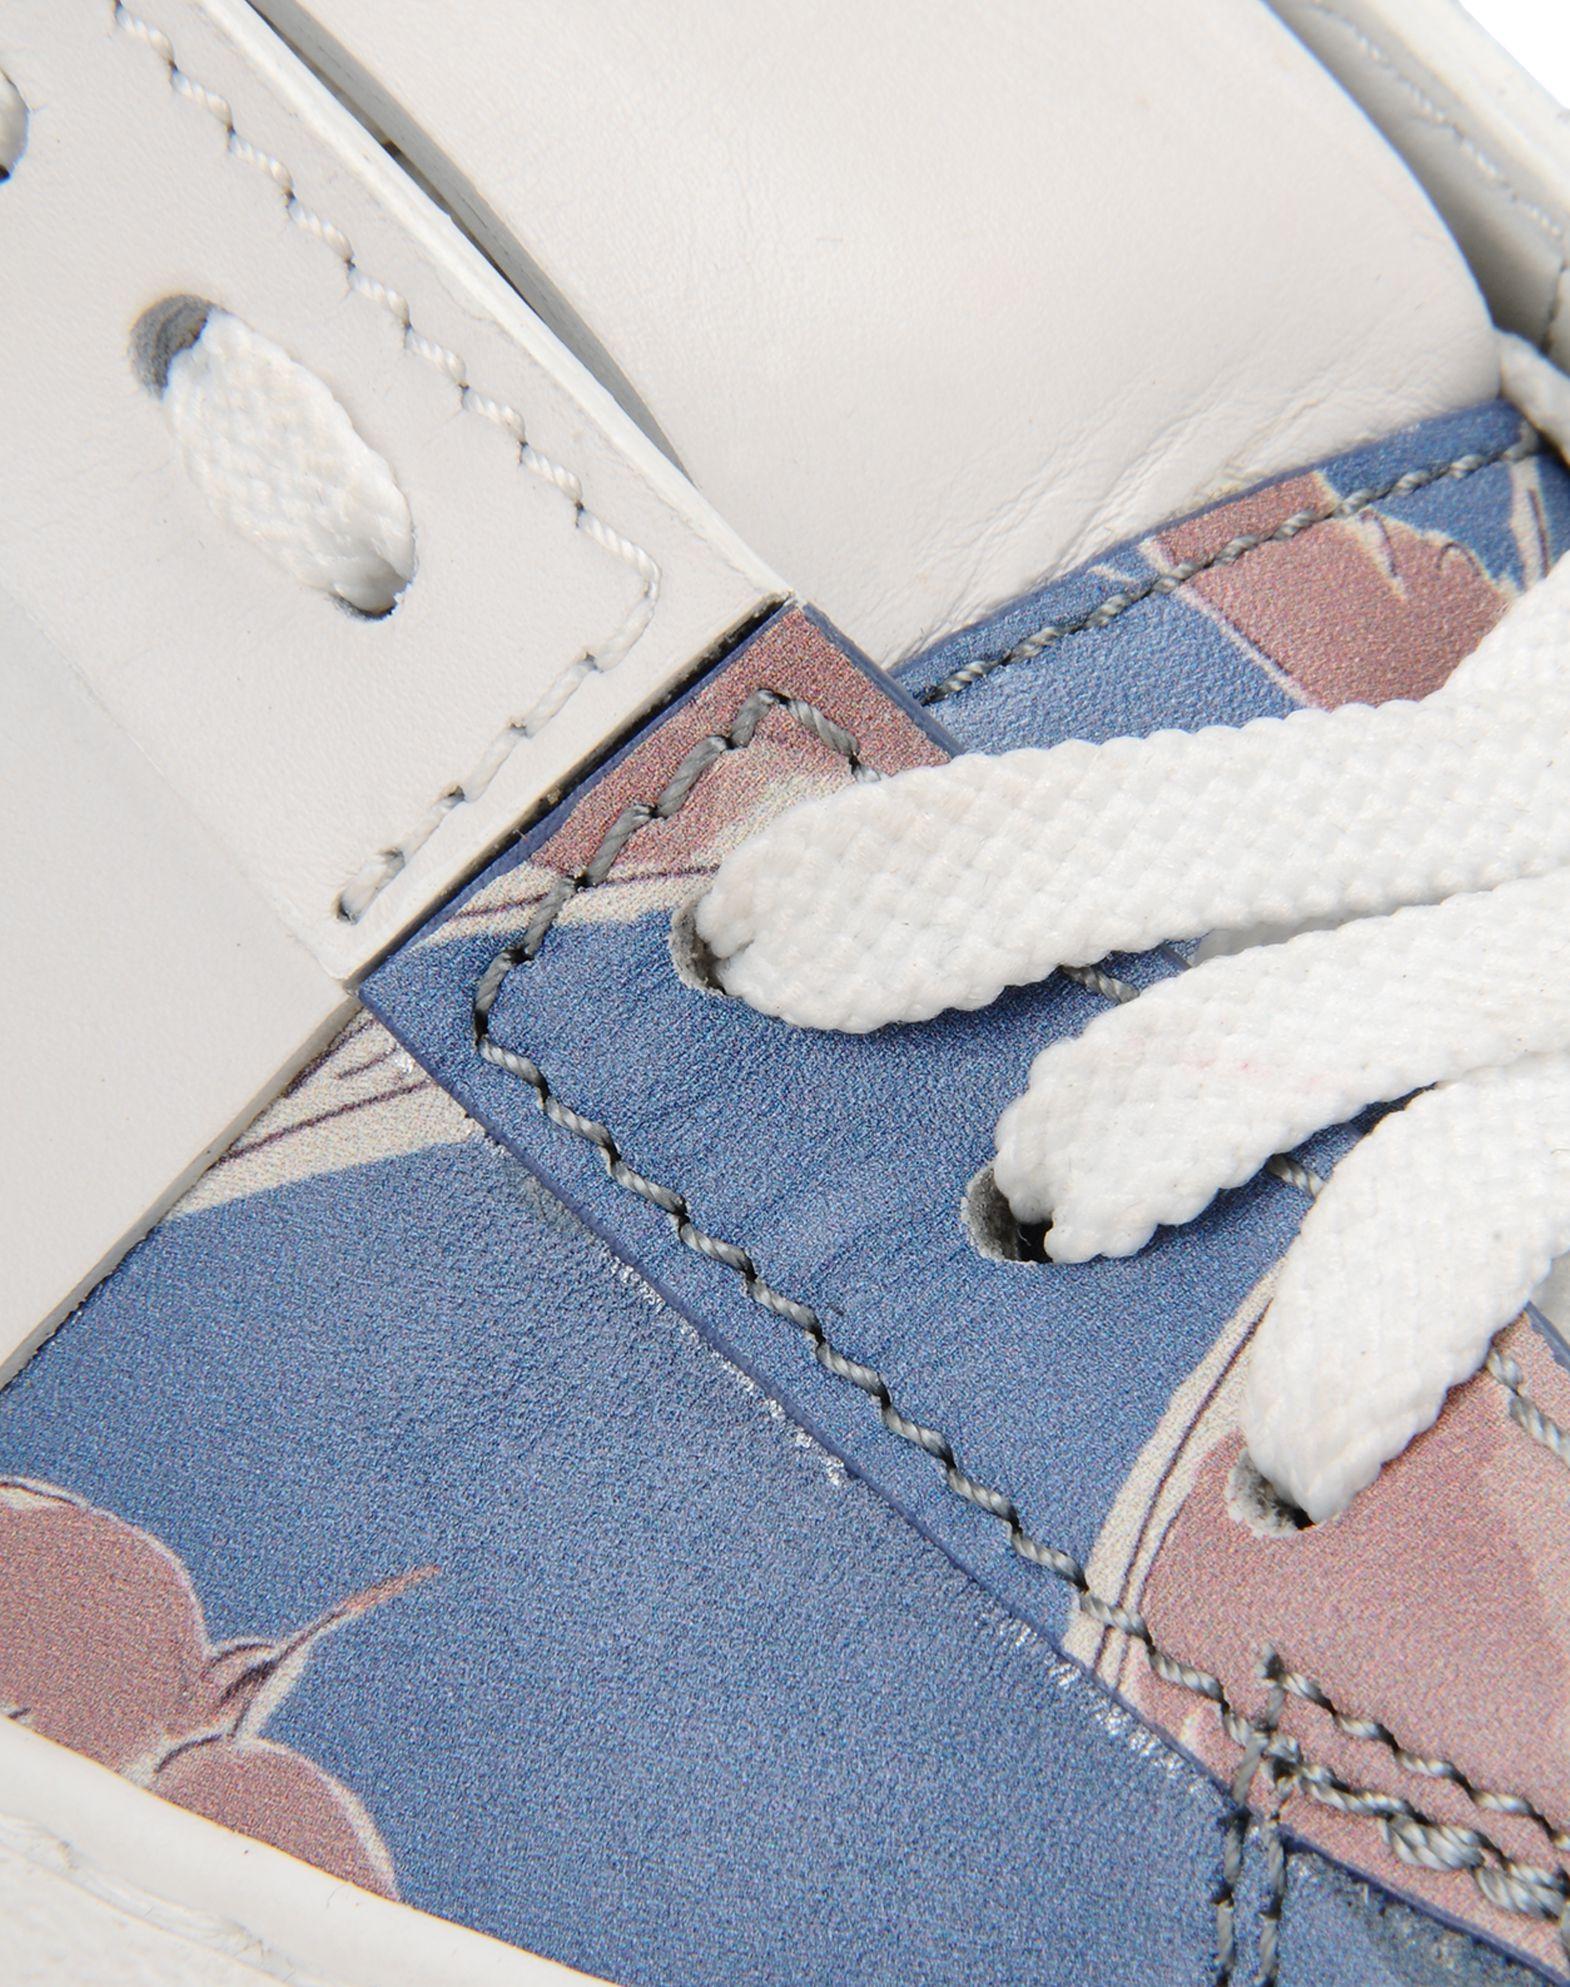 VALENTINO Logo Laces Rubber sole Round toeline  44975650ta